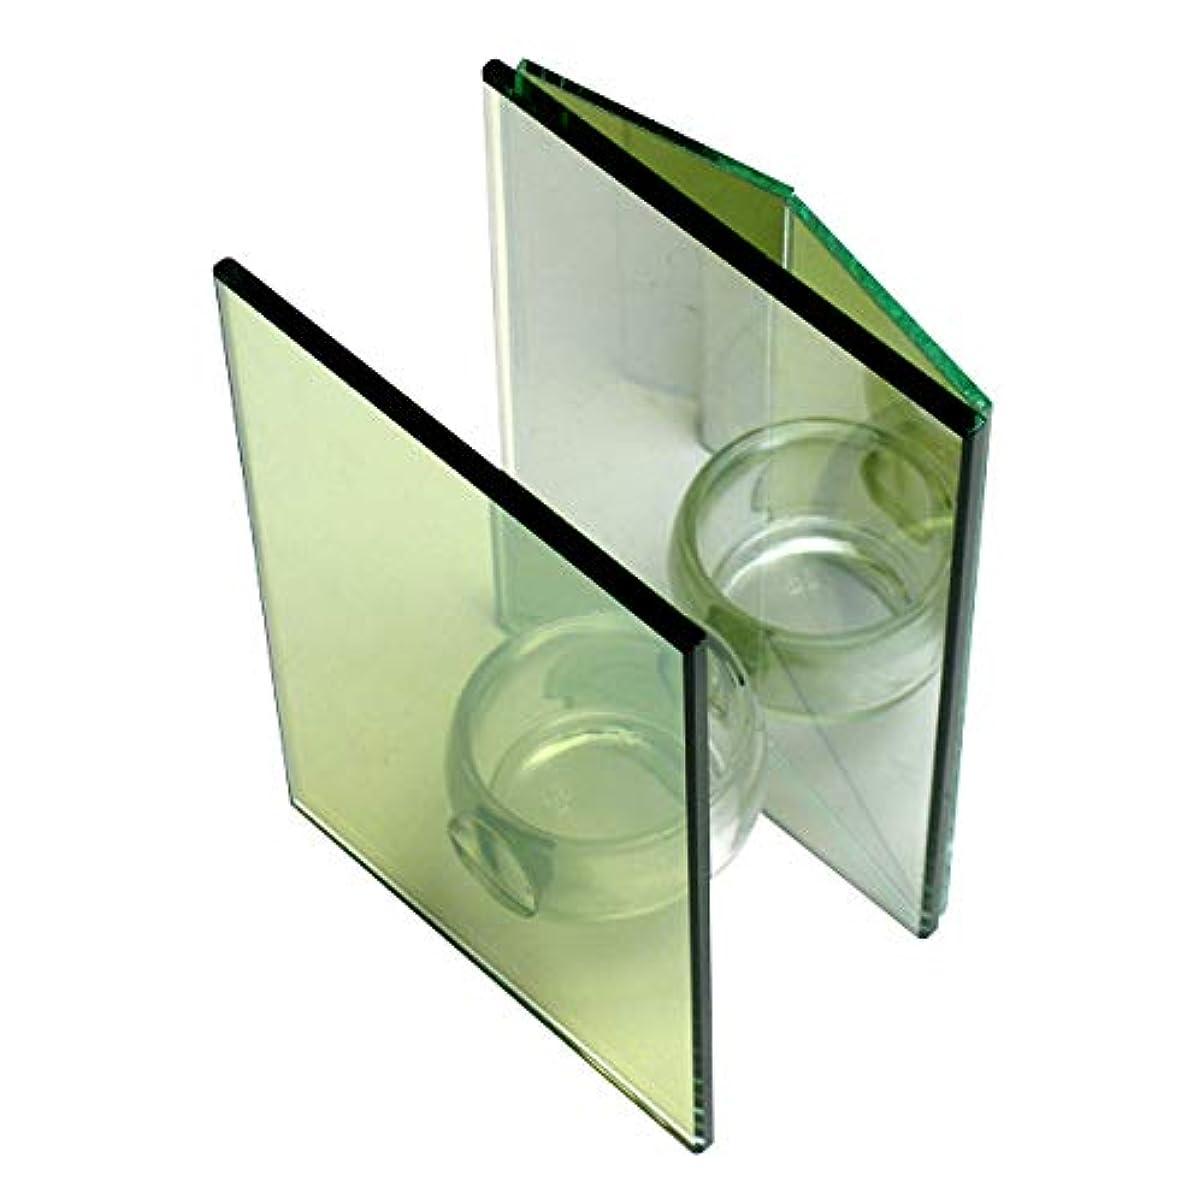 の前で植生情熱無限連鎖キャンドルホルダー ダブルミラー ガラス キャンドルスタンド ランタン 誕生日 ティーライトキャンドル